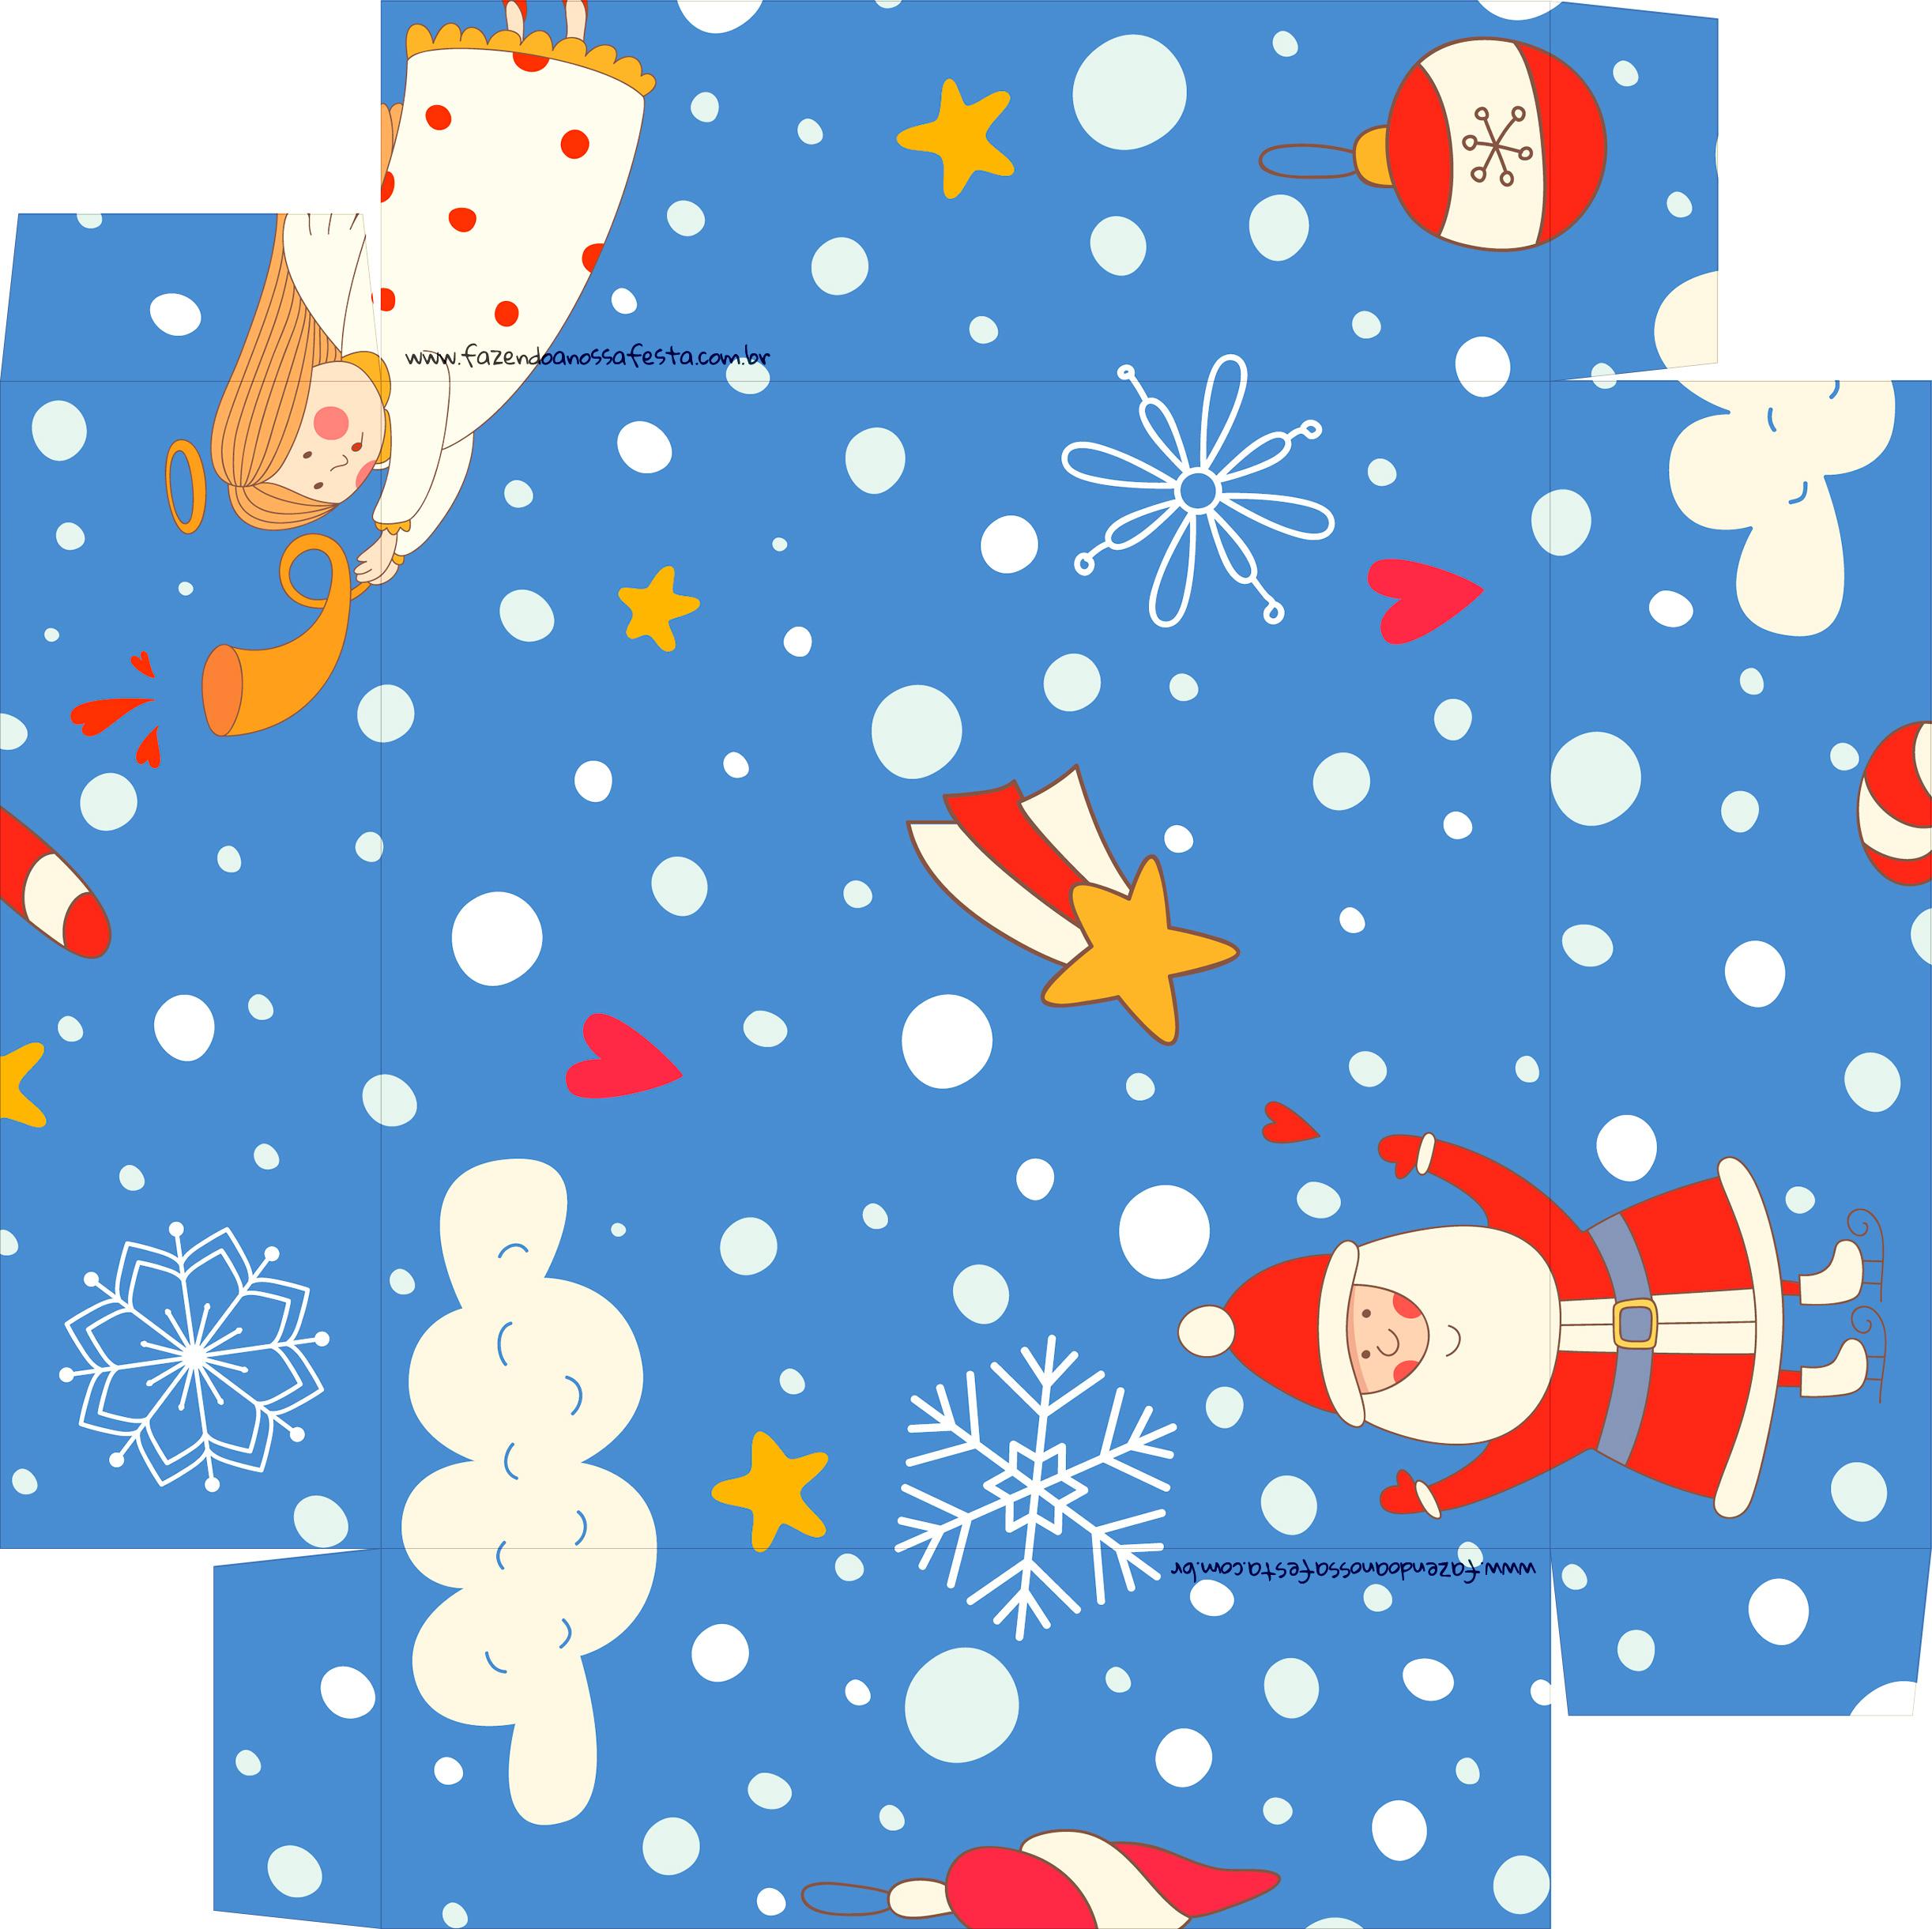 Caixa de Bombom Natal Azul Claro - Fundo